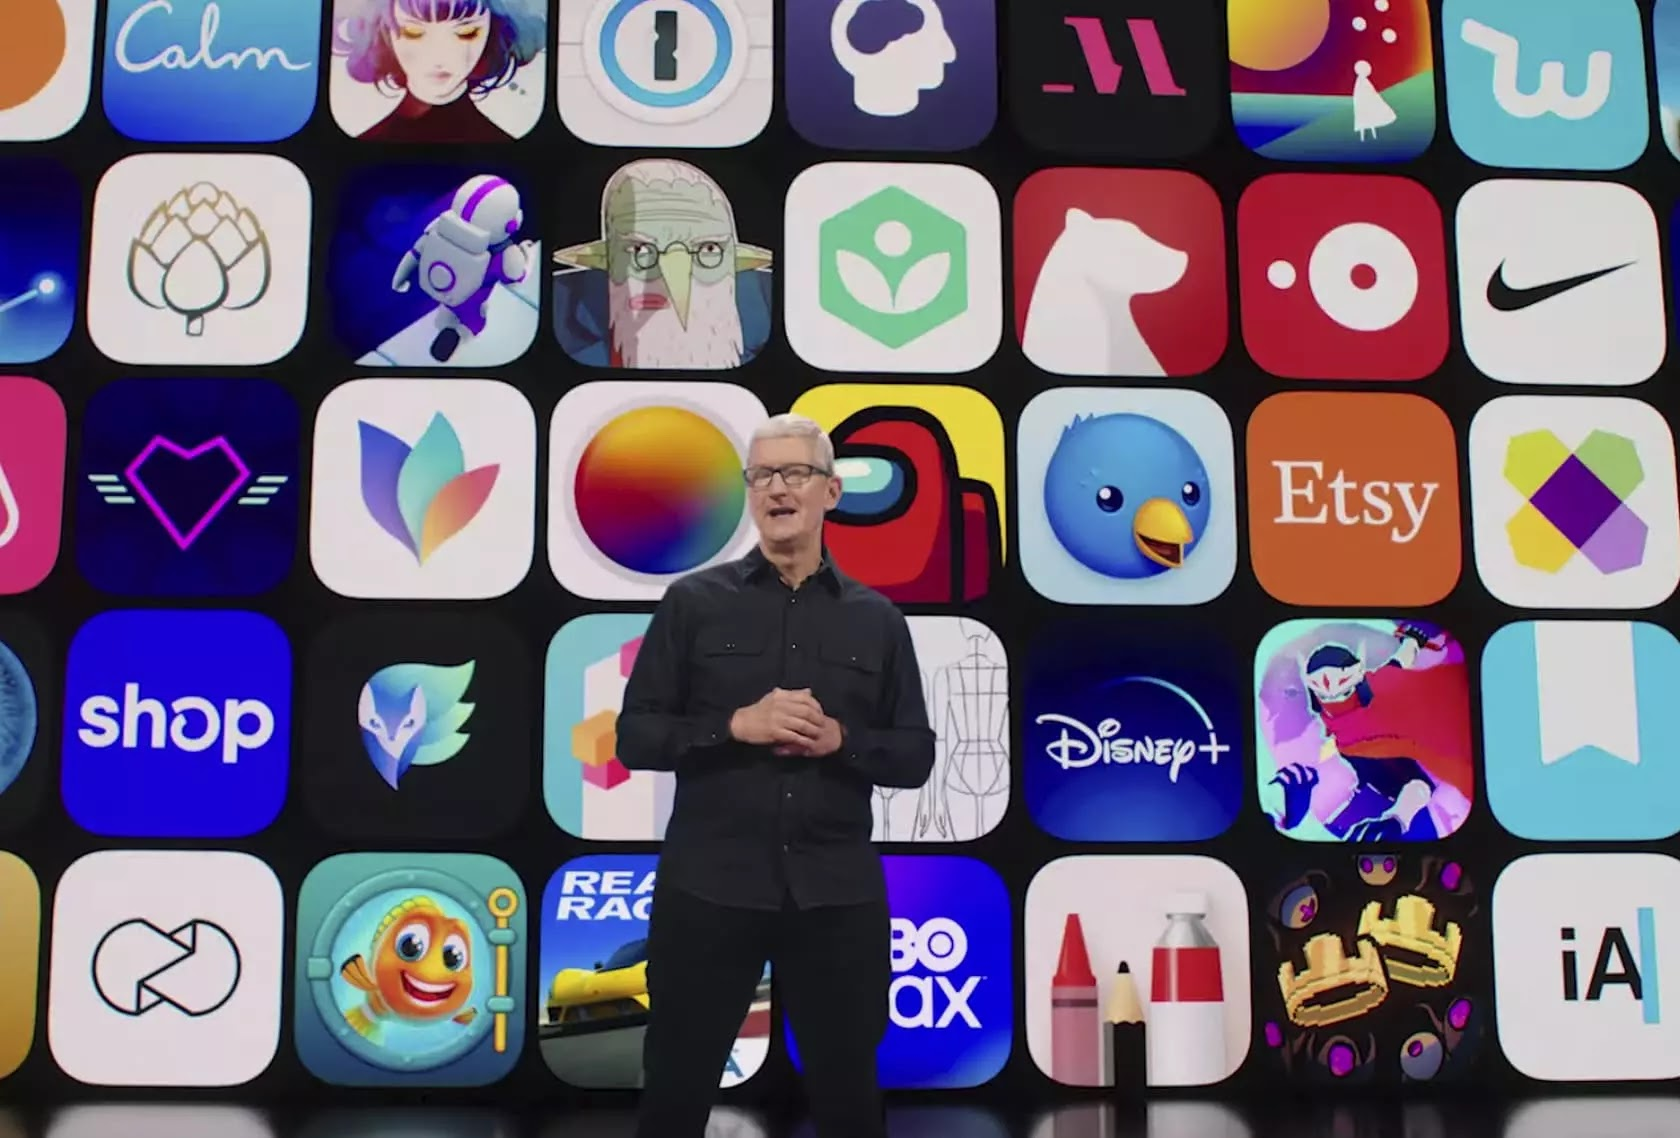 Apple Dituntut Atas Penipuan Aplikasi e-Wallet Paslu yang Ada di App Store